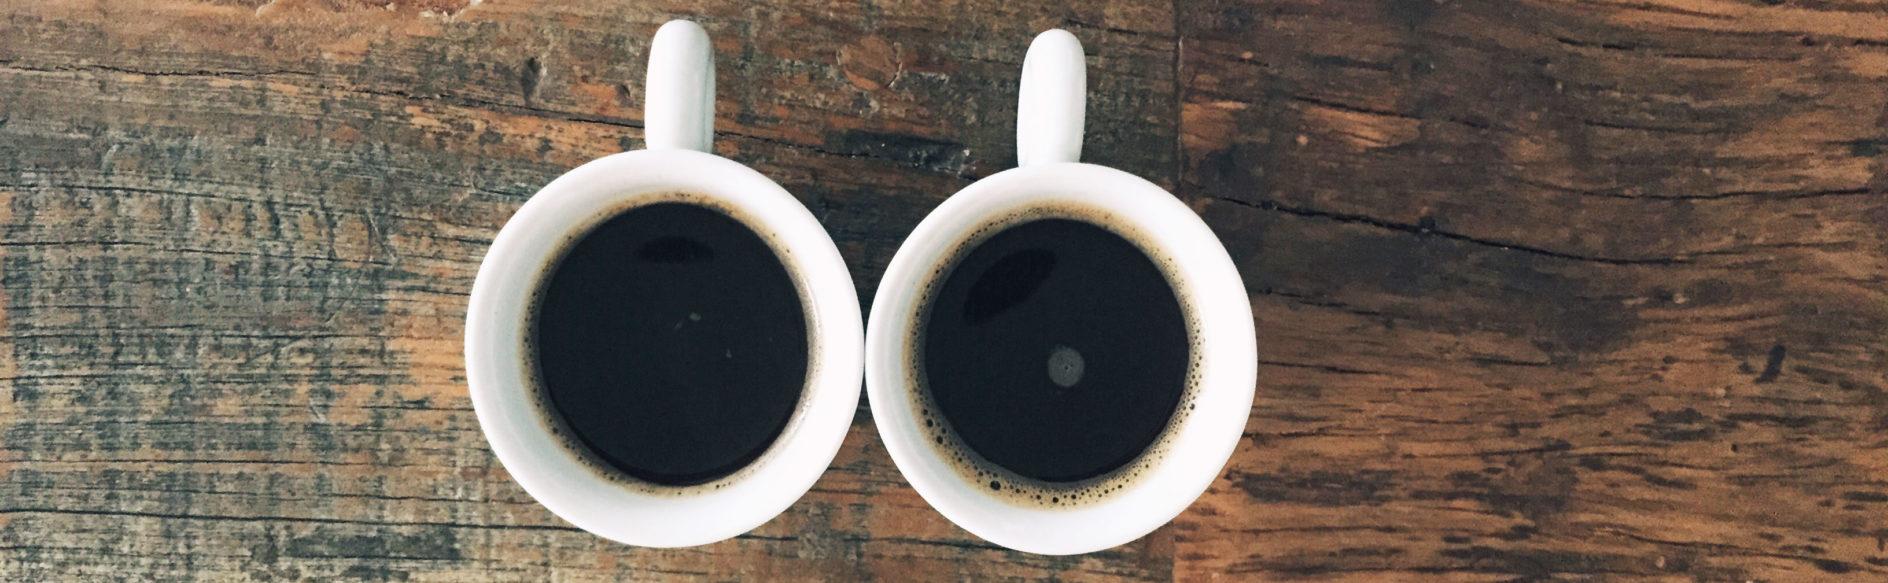 Espresso in cups